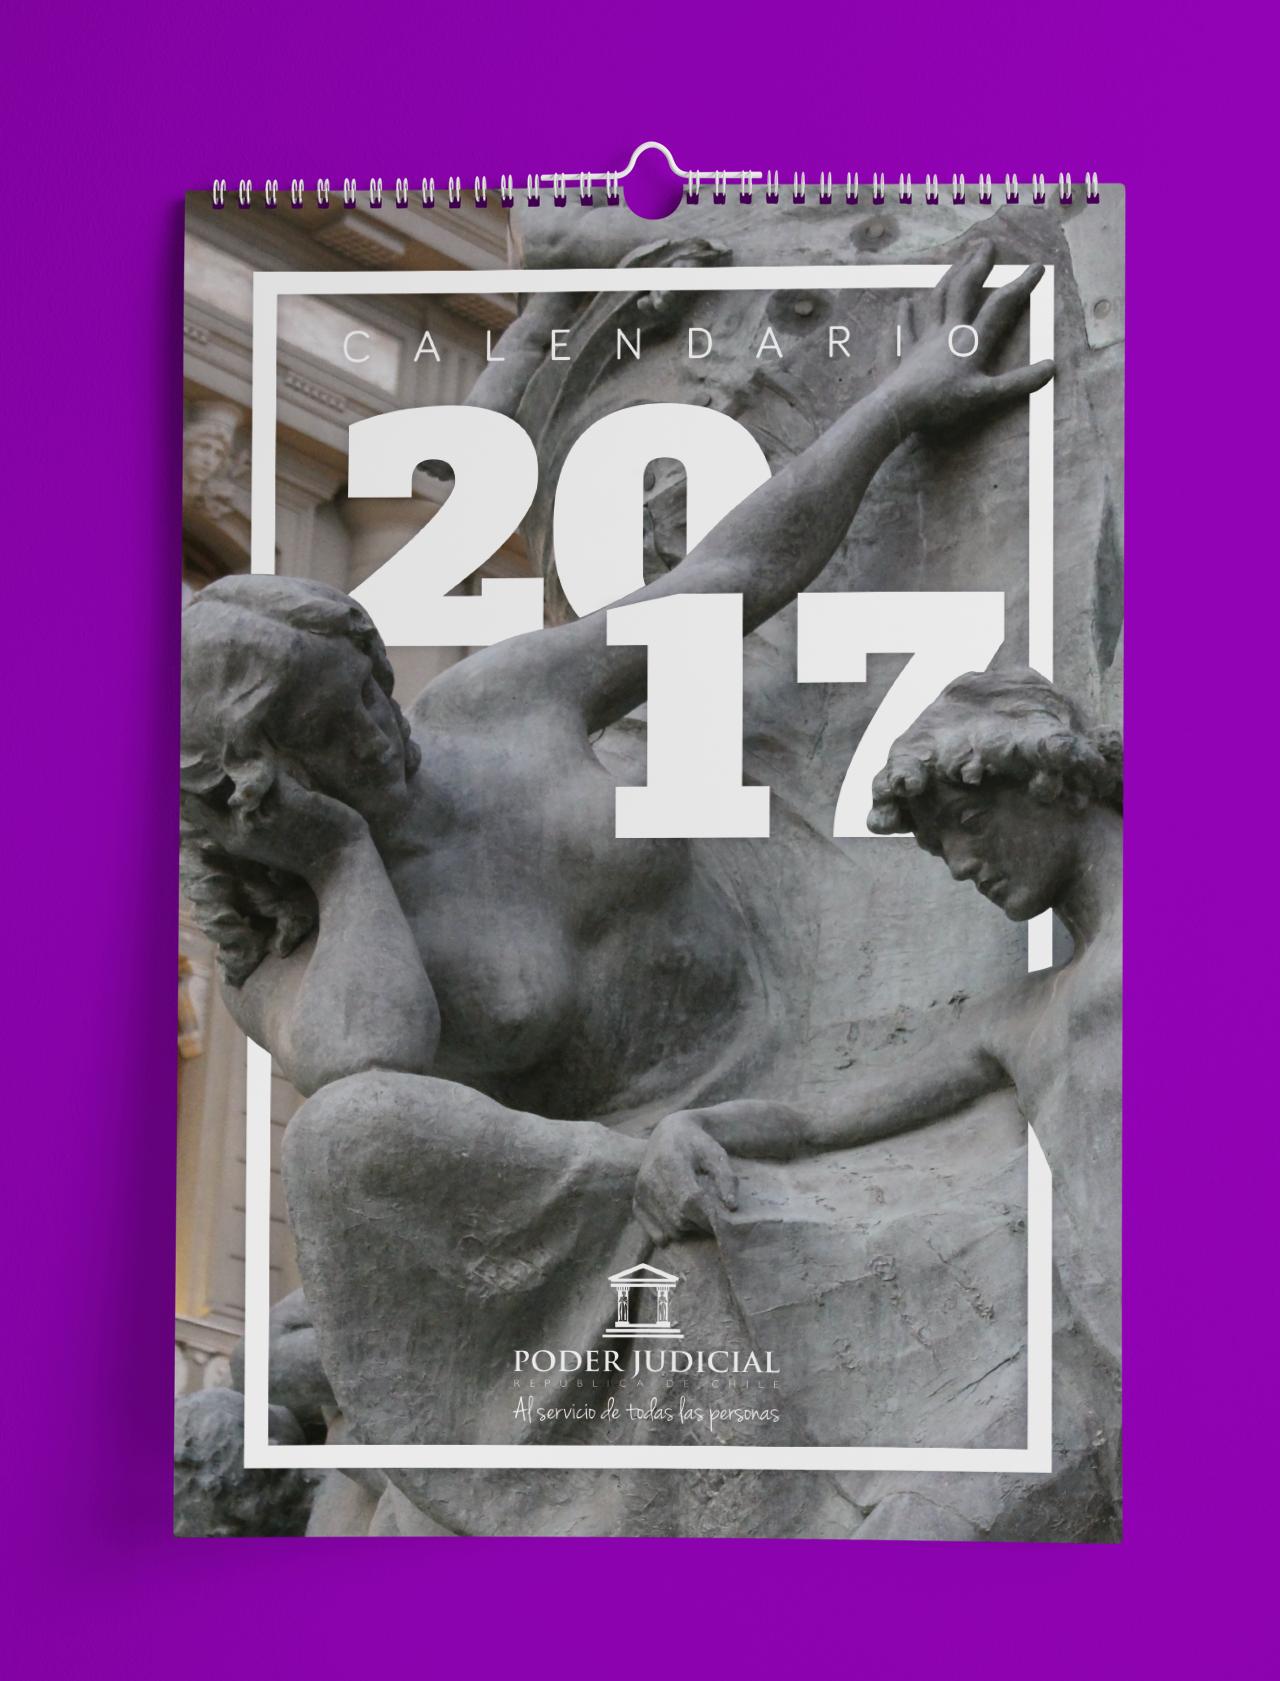 calendario_mural_pjud2017_01